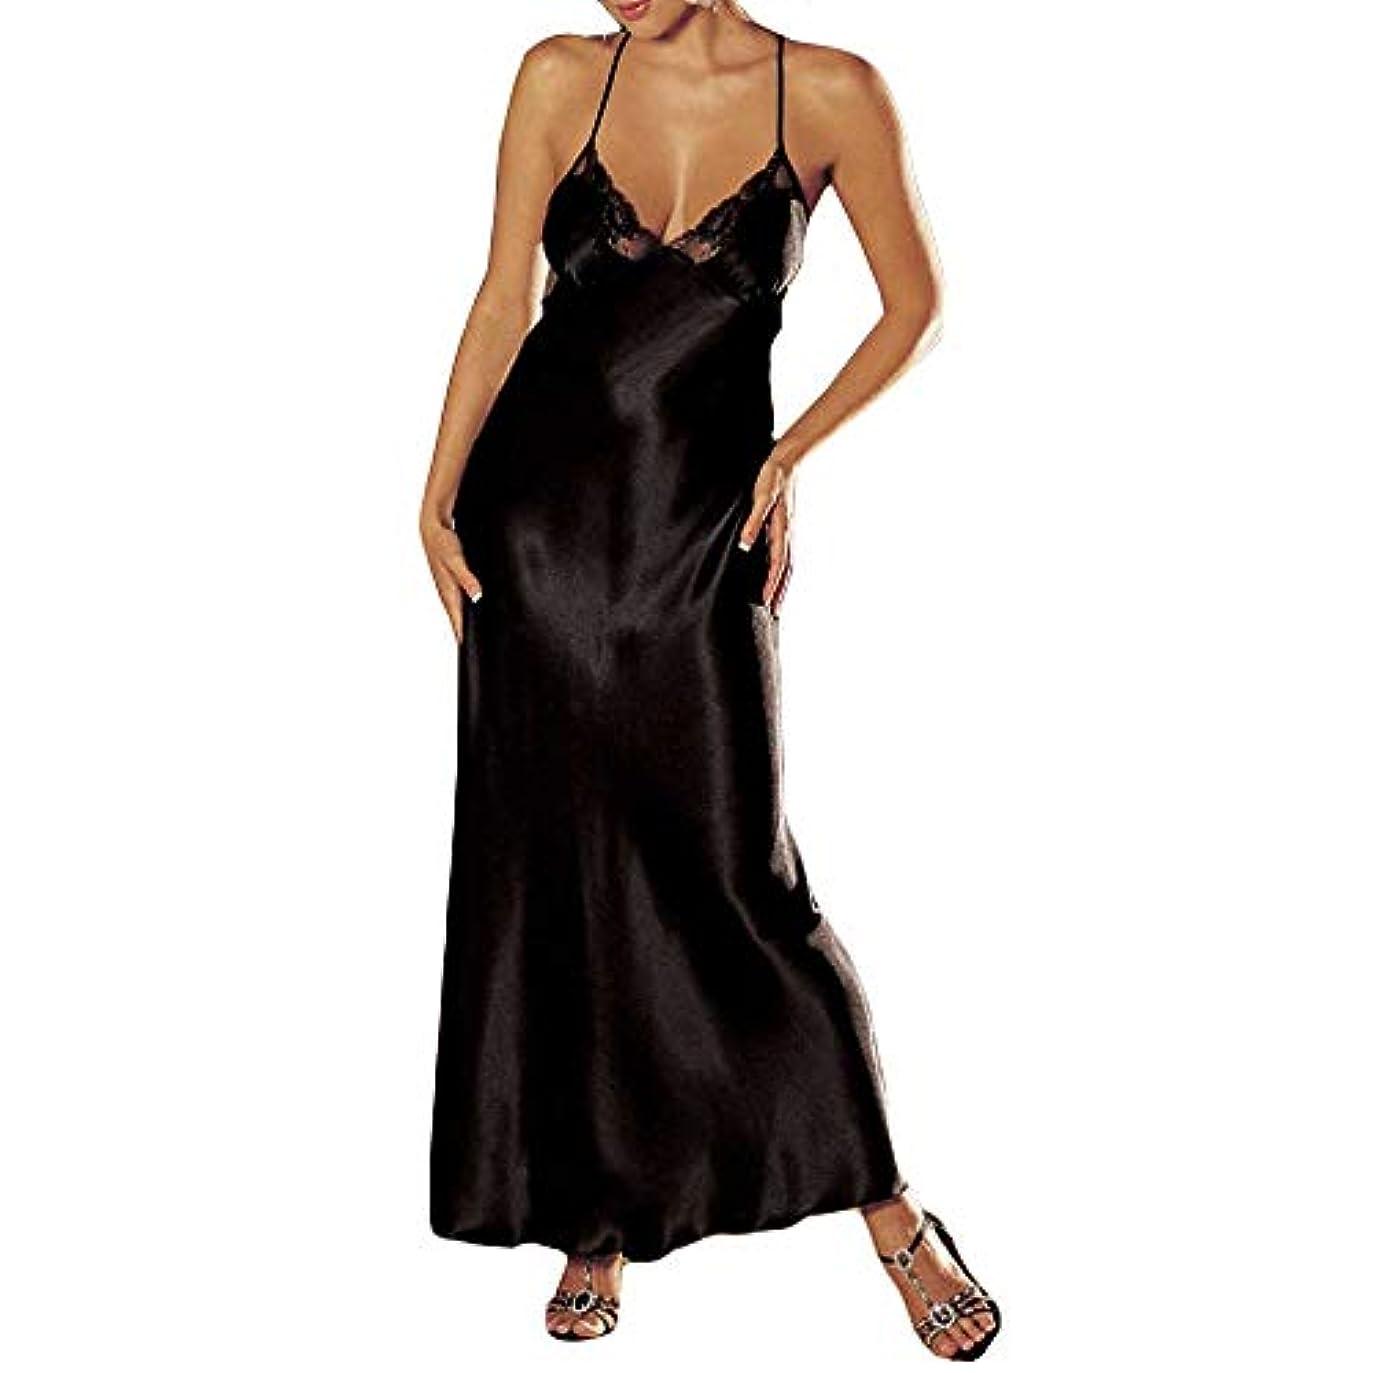 施設適格熱意吊りドレス liqiuxiang ウーマン 快適 柔らかい ロングスカート 女性 エレガント 着心地 通気性抜群 パジャマ レディース 上下 花柄 ノースリーブ 高級 襦袢